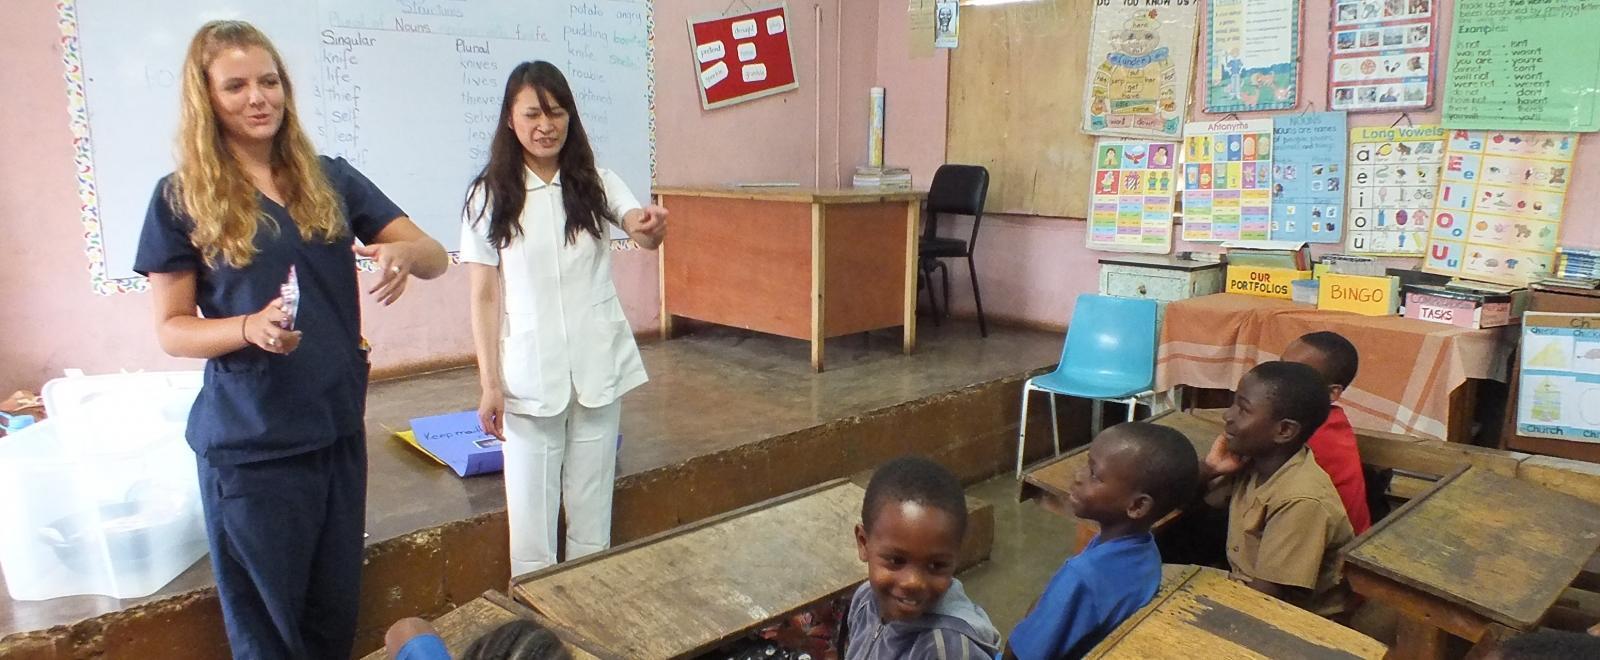 Voluntarias adquieren experiencia docente durante su voluntariado de enseñanza en Jamaica.